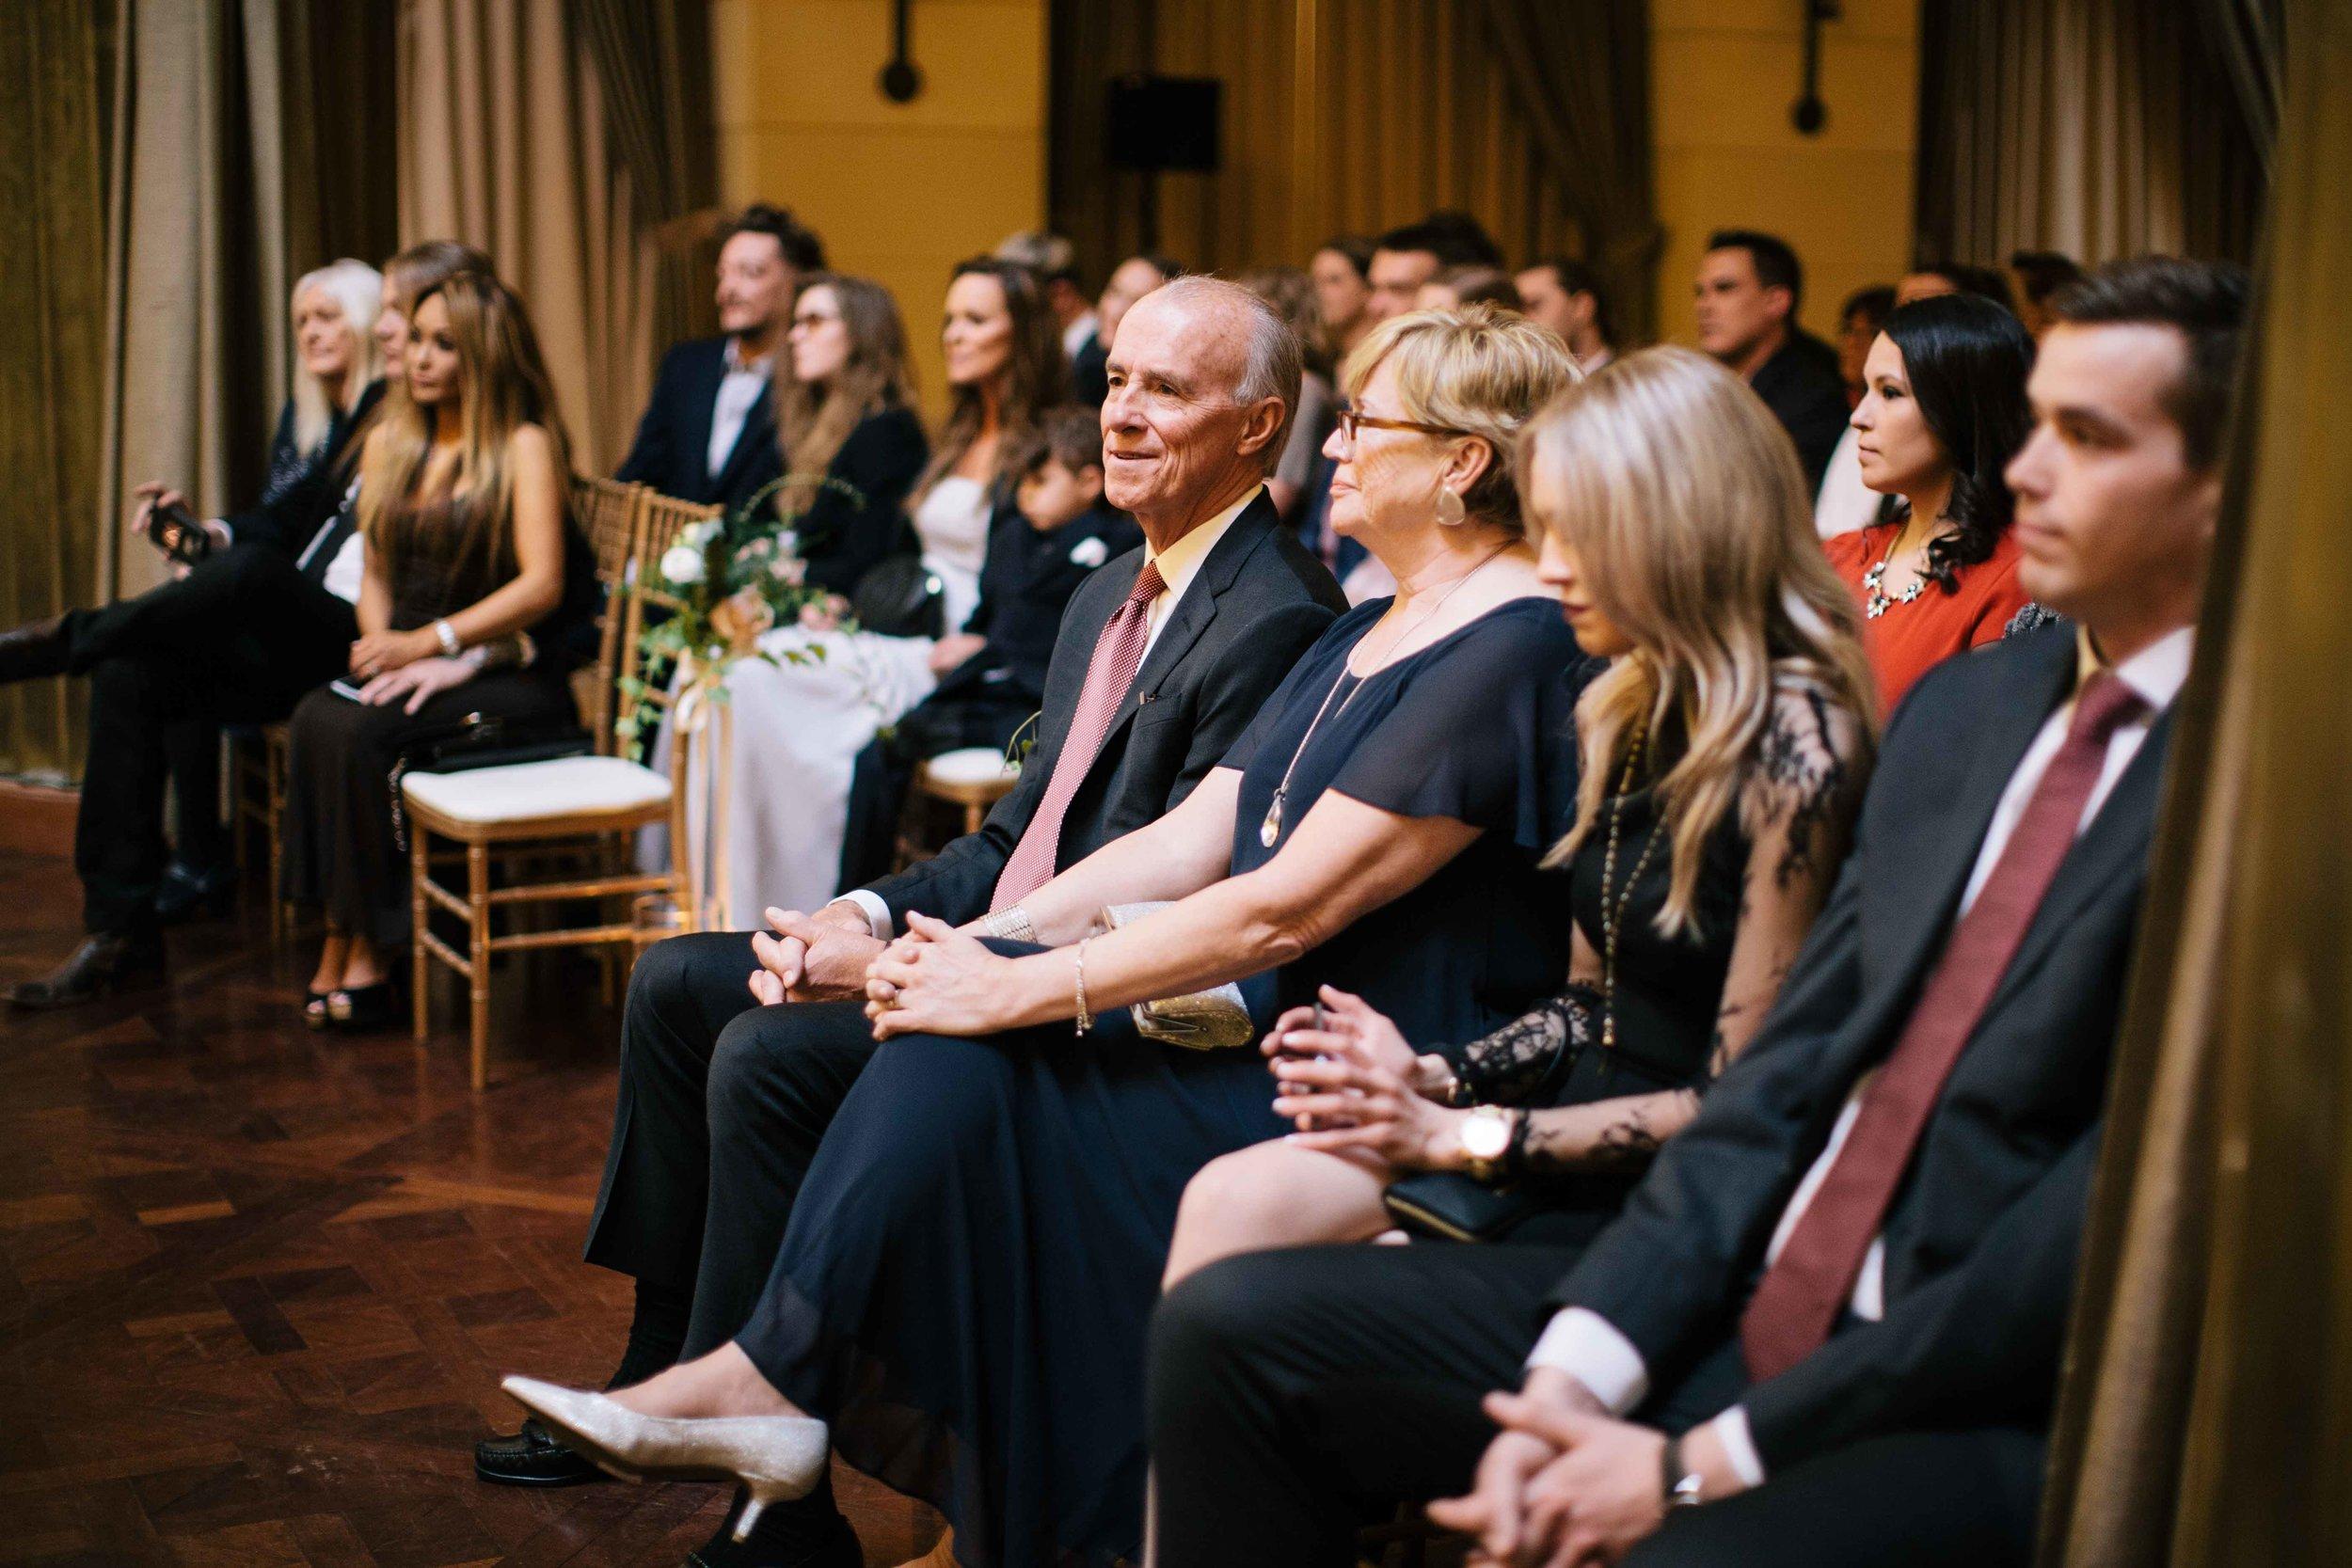 CHRIS_GEORGINA_WEDDING-49.jpg